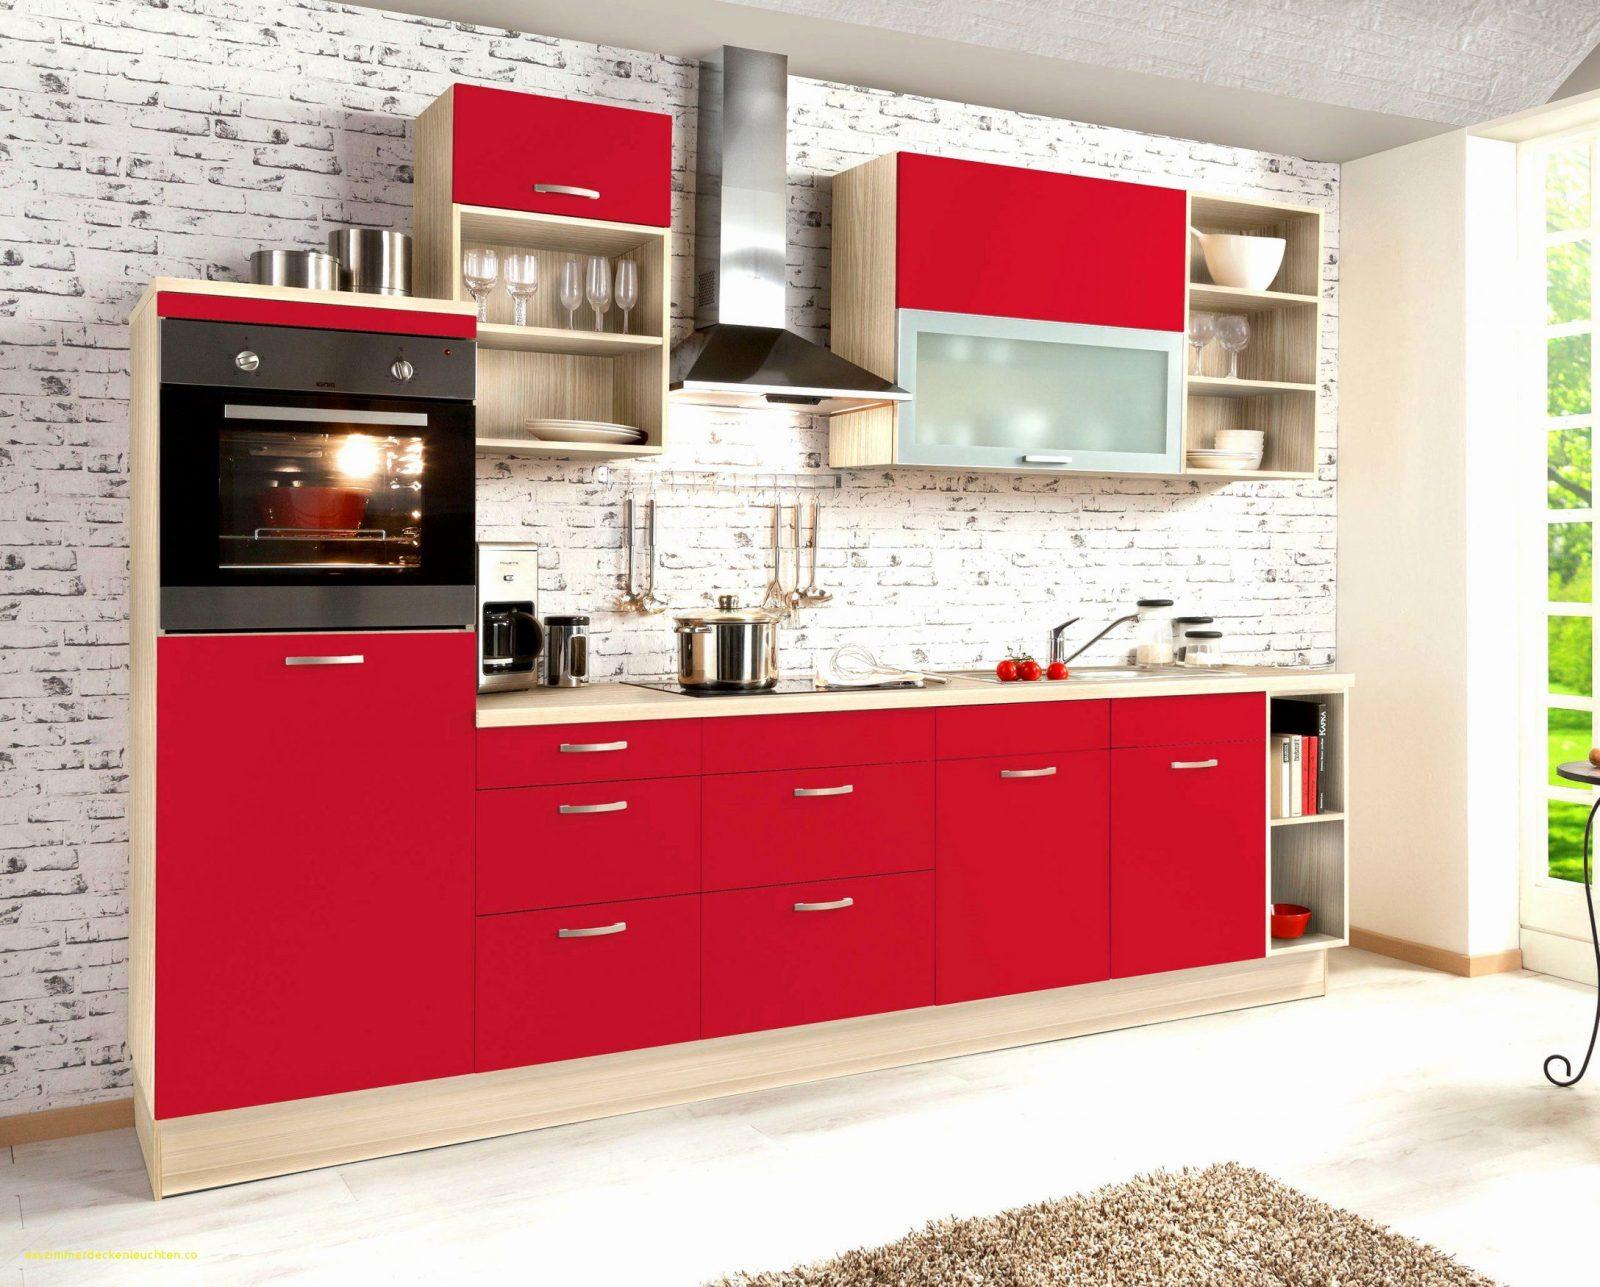 Top Ergebnis Ikea Küchenzeile Mit Elektrogeräten Genial Hervorragend von Ikea Küchenzeile Mit Elektrogeräten Bild